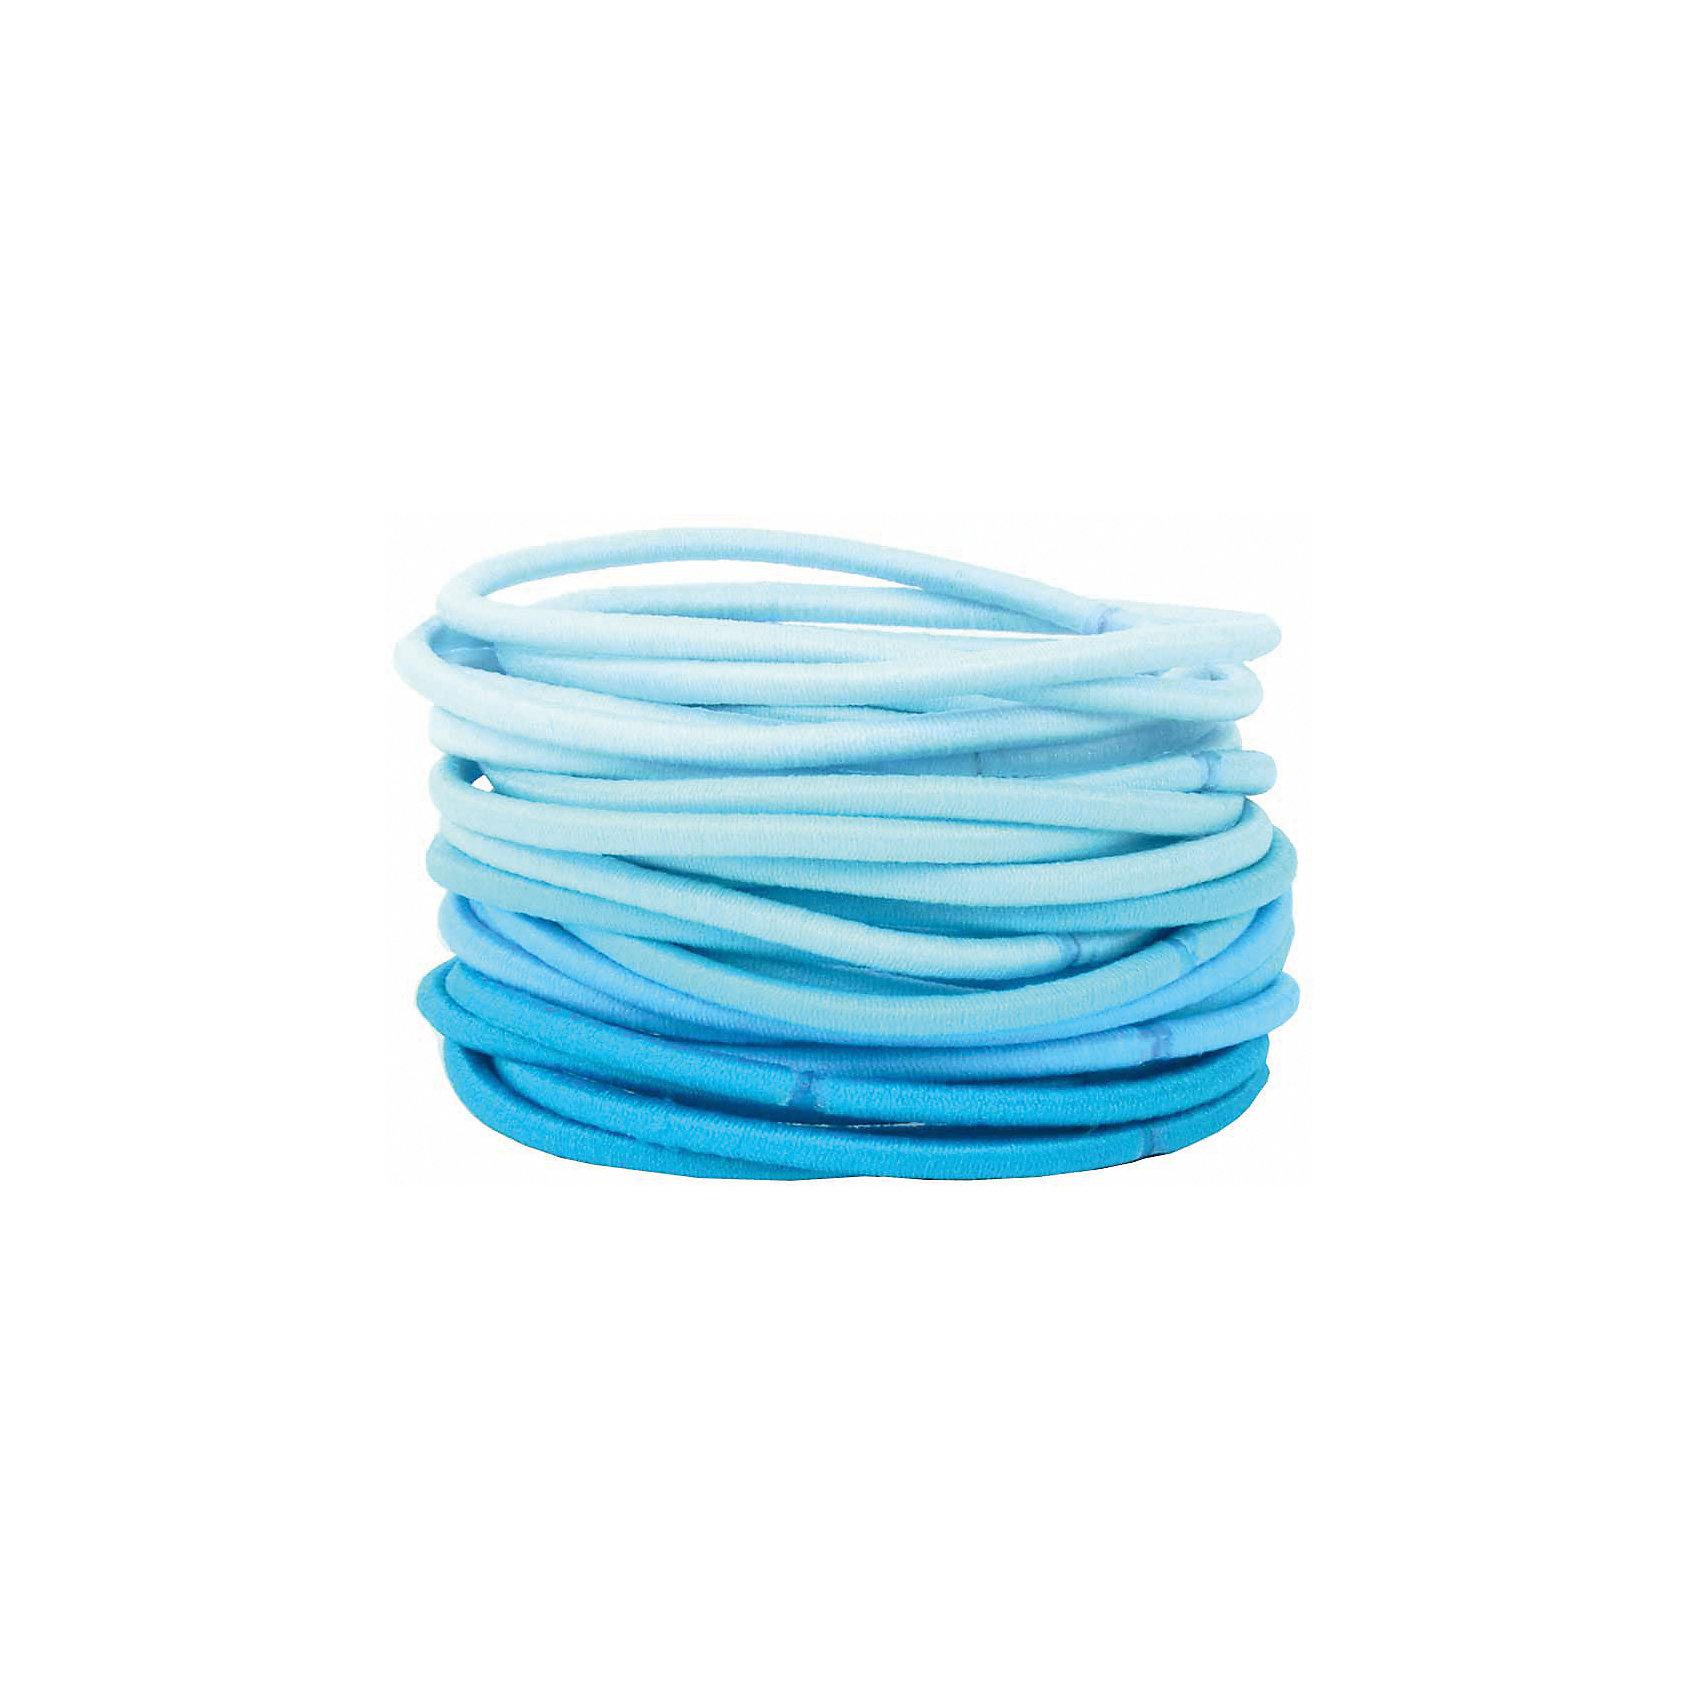 Набор резинок 30 шт для девочки  BUTTON BLUEАксессуары<br>Набор резинок 30 шт для девочки  BUTTON BLUE<br>Набор ярких резинок - лучший помощник в создании красивой прически.<br>Состав:<br>полиэстер, эластан<br><br>Ширина мм: 170<br>Глубина мм: 157<br>Высота мм: 67<br>Вес г: 117<br>Цвет: разноцветный<br>Возраст от месяцев: 0<br>Возраст до месяцев: 168<br>Пол: Женский<br>Возраст: Детский<br>Размер: one size<br>SKU: 5523828